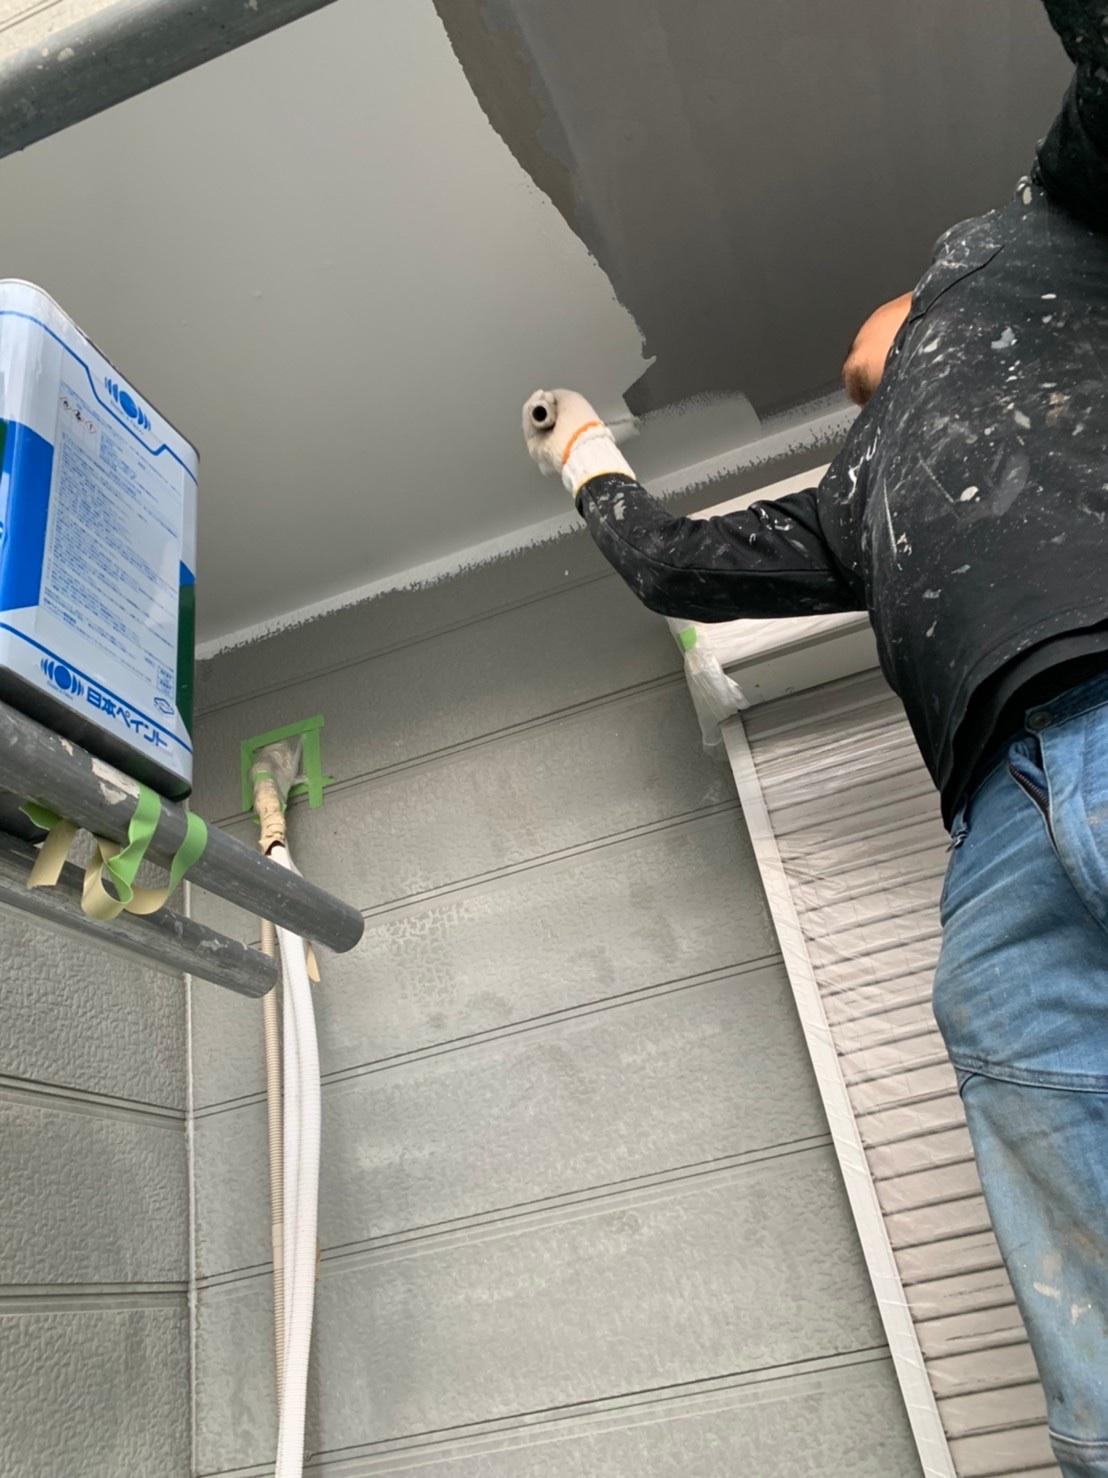 茨木・高槻の外壁屋根塗装防水YJリフォームベランダ下塗装@高槻市北大樋町